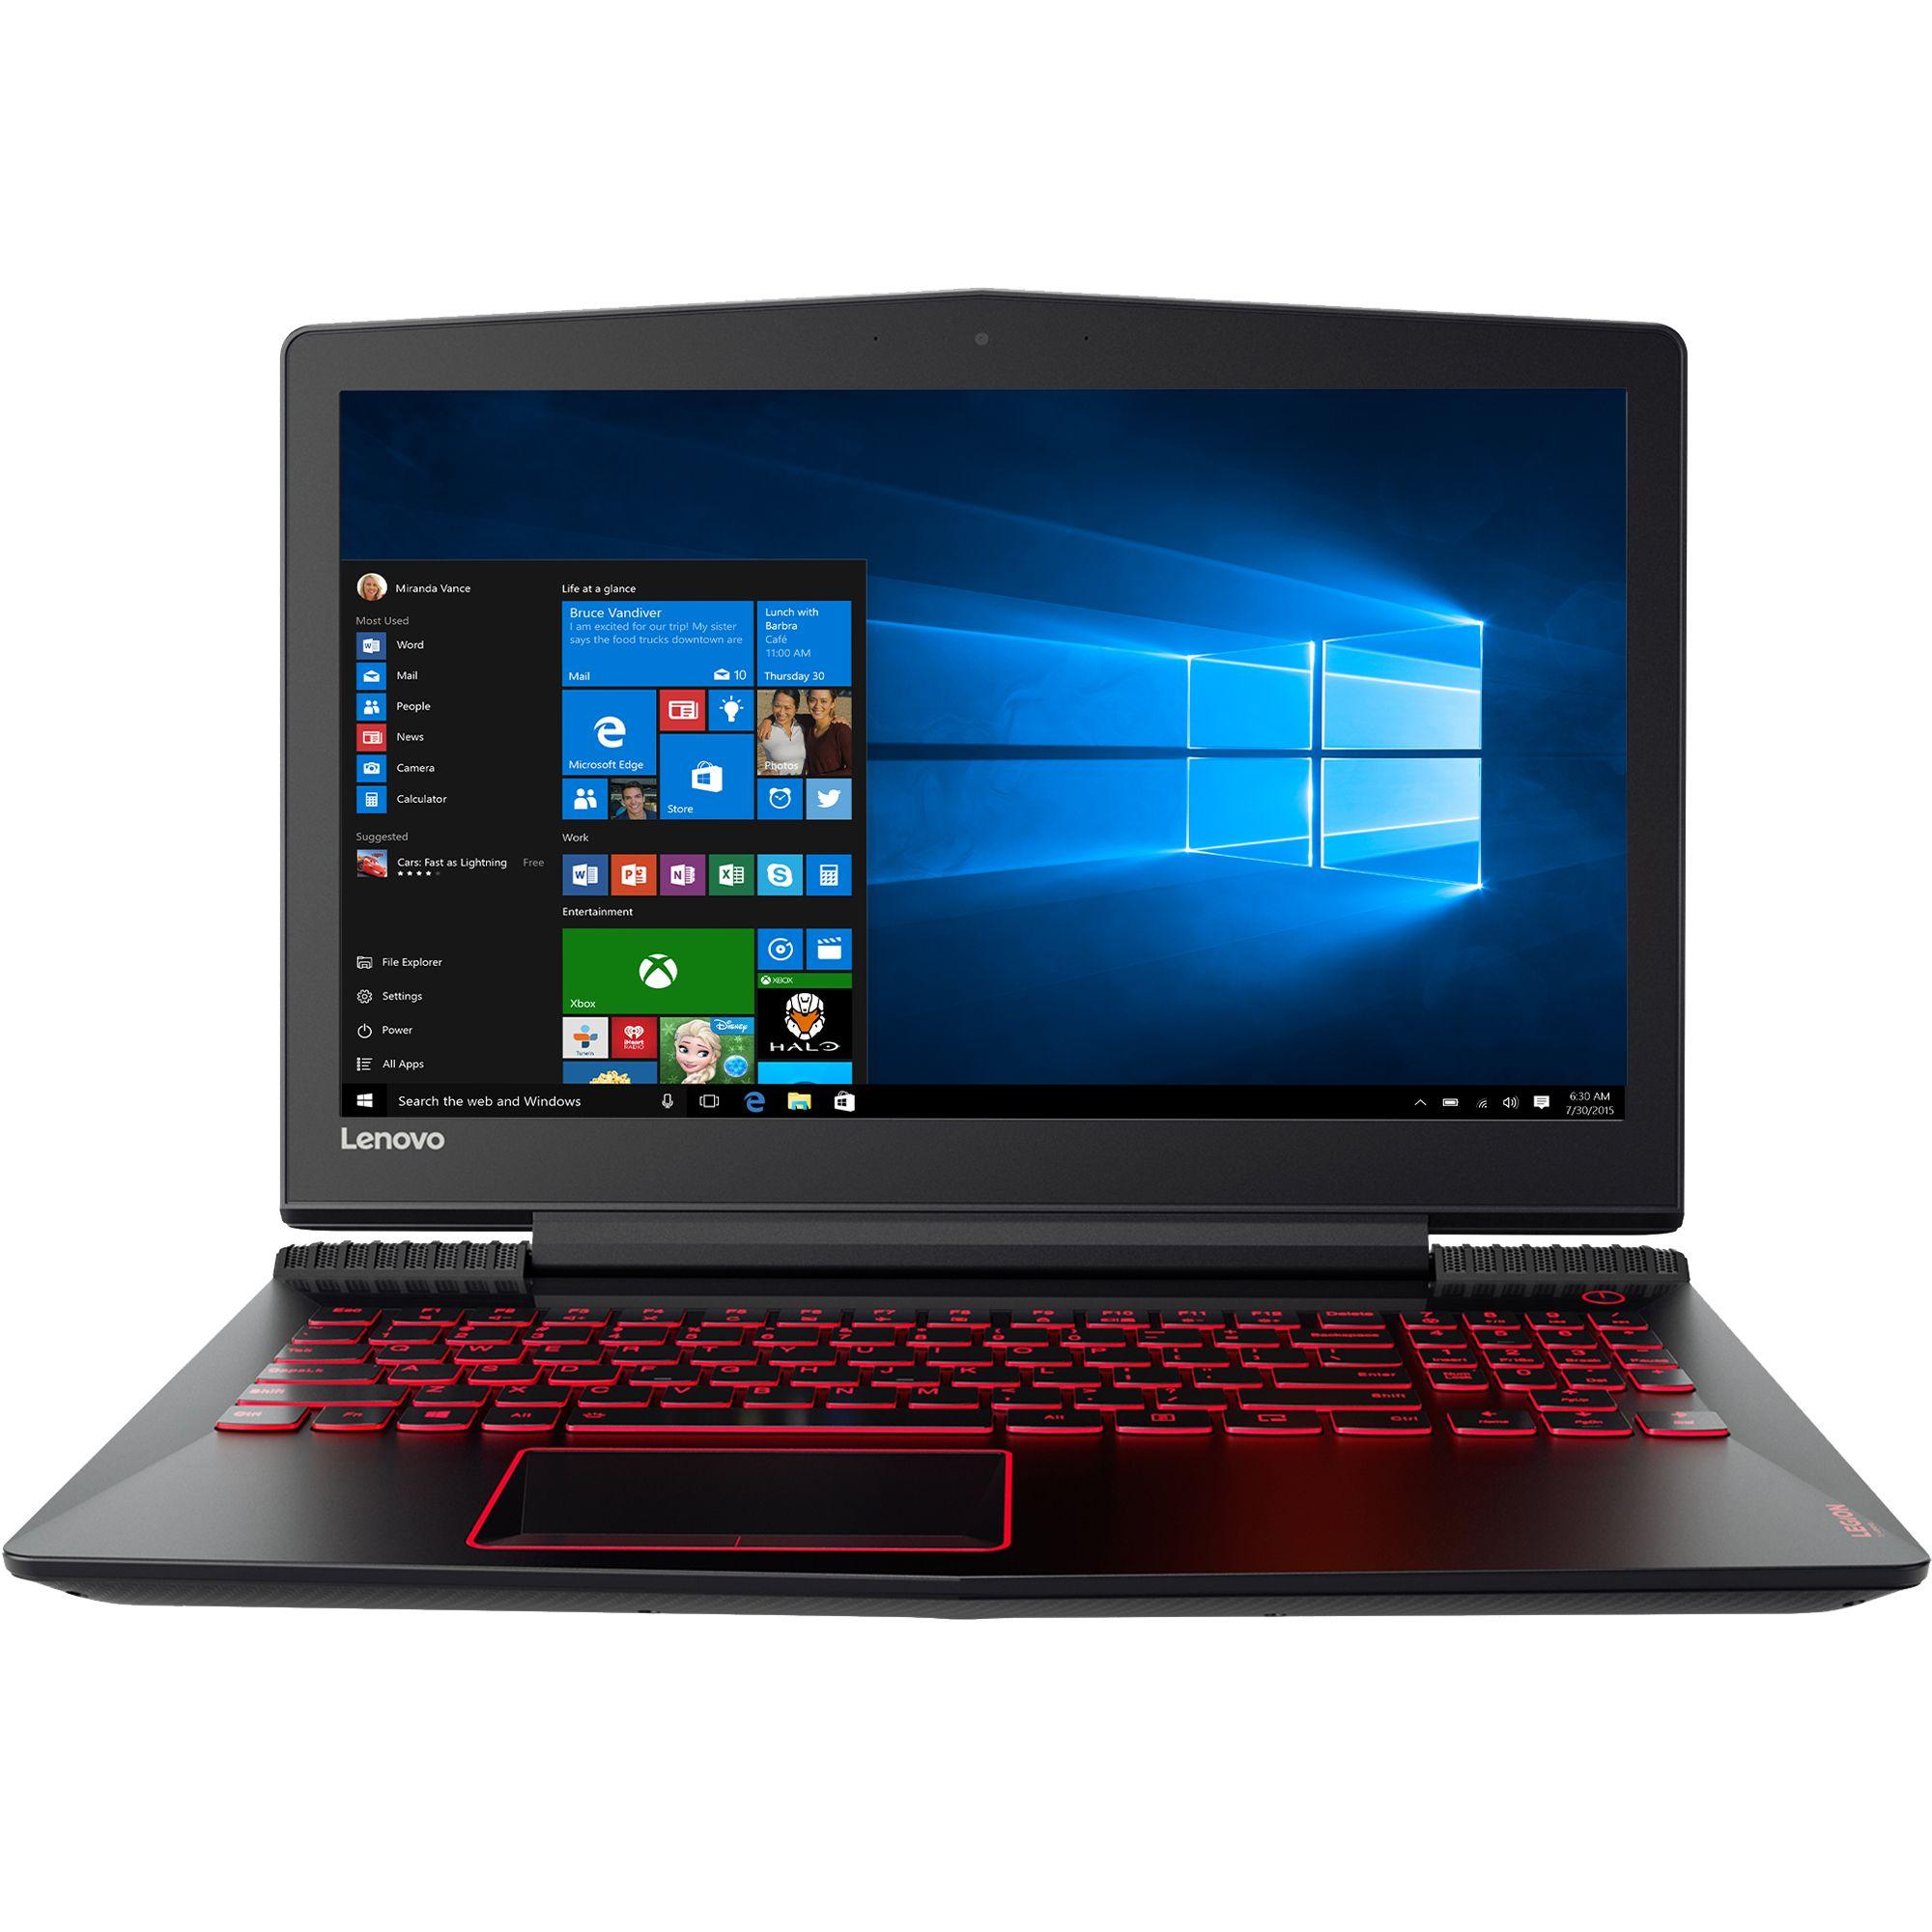 Notebook Lenovo Legion Y520 15.6 Full HD Intel Core i7-7700HQ GTX 1060-3GB RAM 8GB HDD 1TB FreeDOS